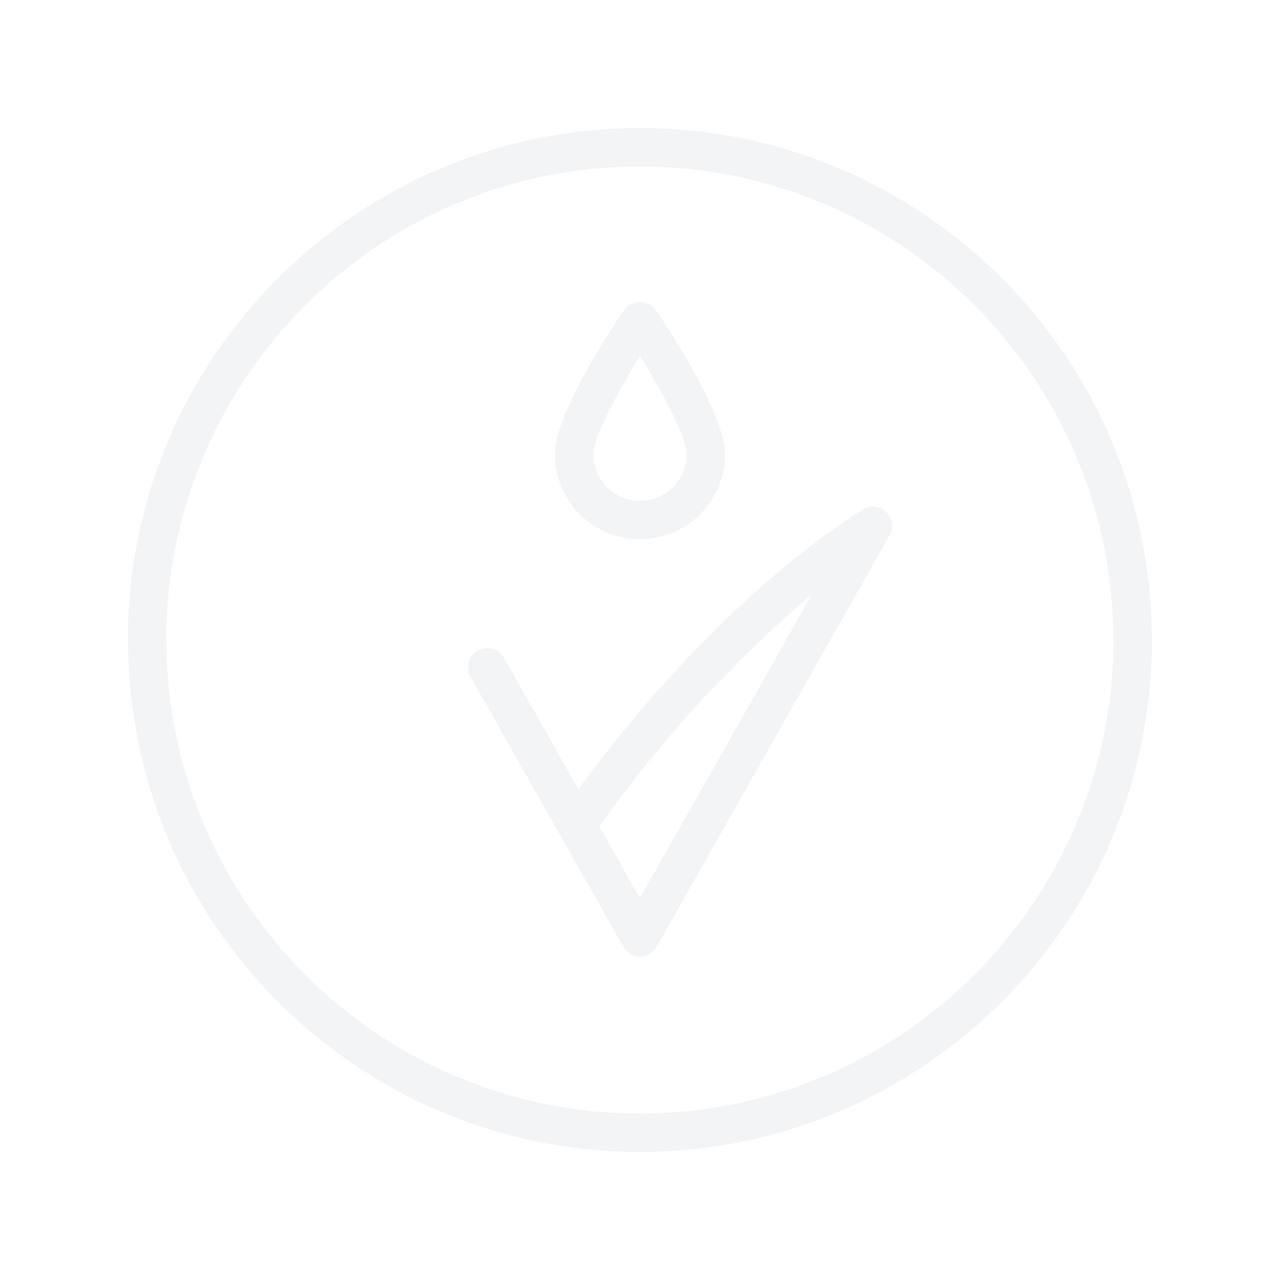 WELLA PROFESSIONALS Invigo Nutri-Enrich Shampoo 50ml